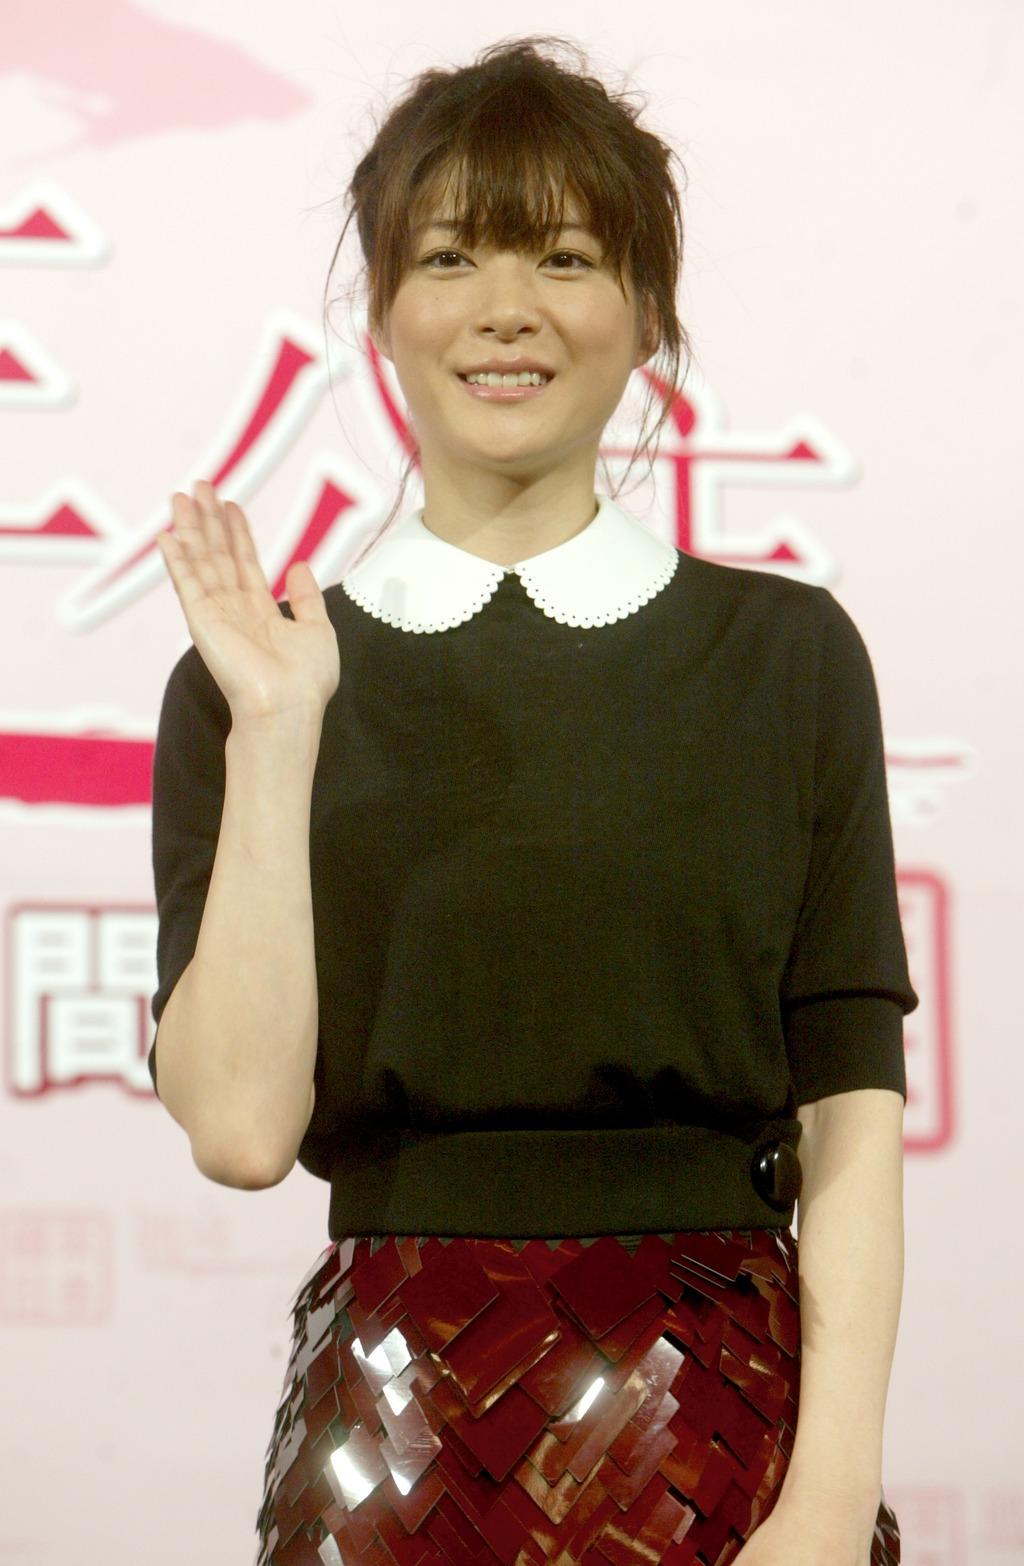 因在日劇「交響情人夢」飾演「野田妹」而打開知名度的日本女星上野樹里,1日在台北宣傳即將在台播映的NHK年度大戲「江~戰國三公主」。中央社記